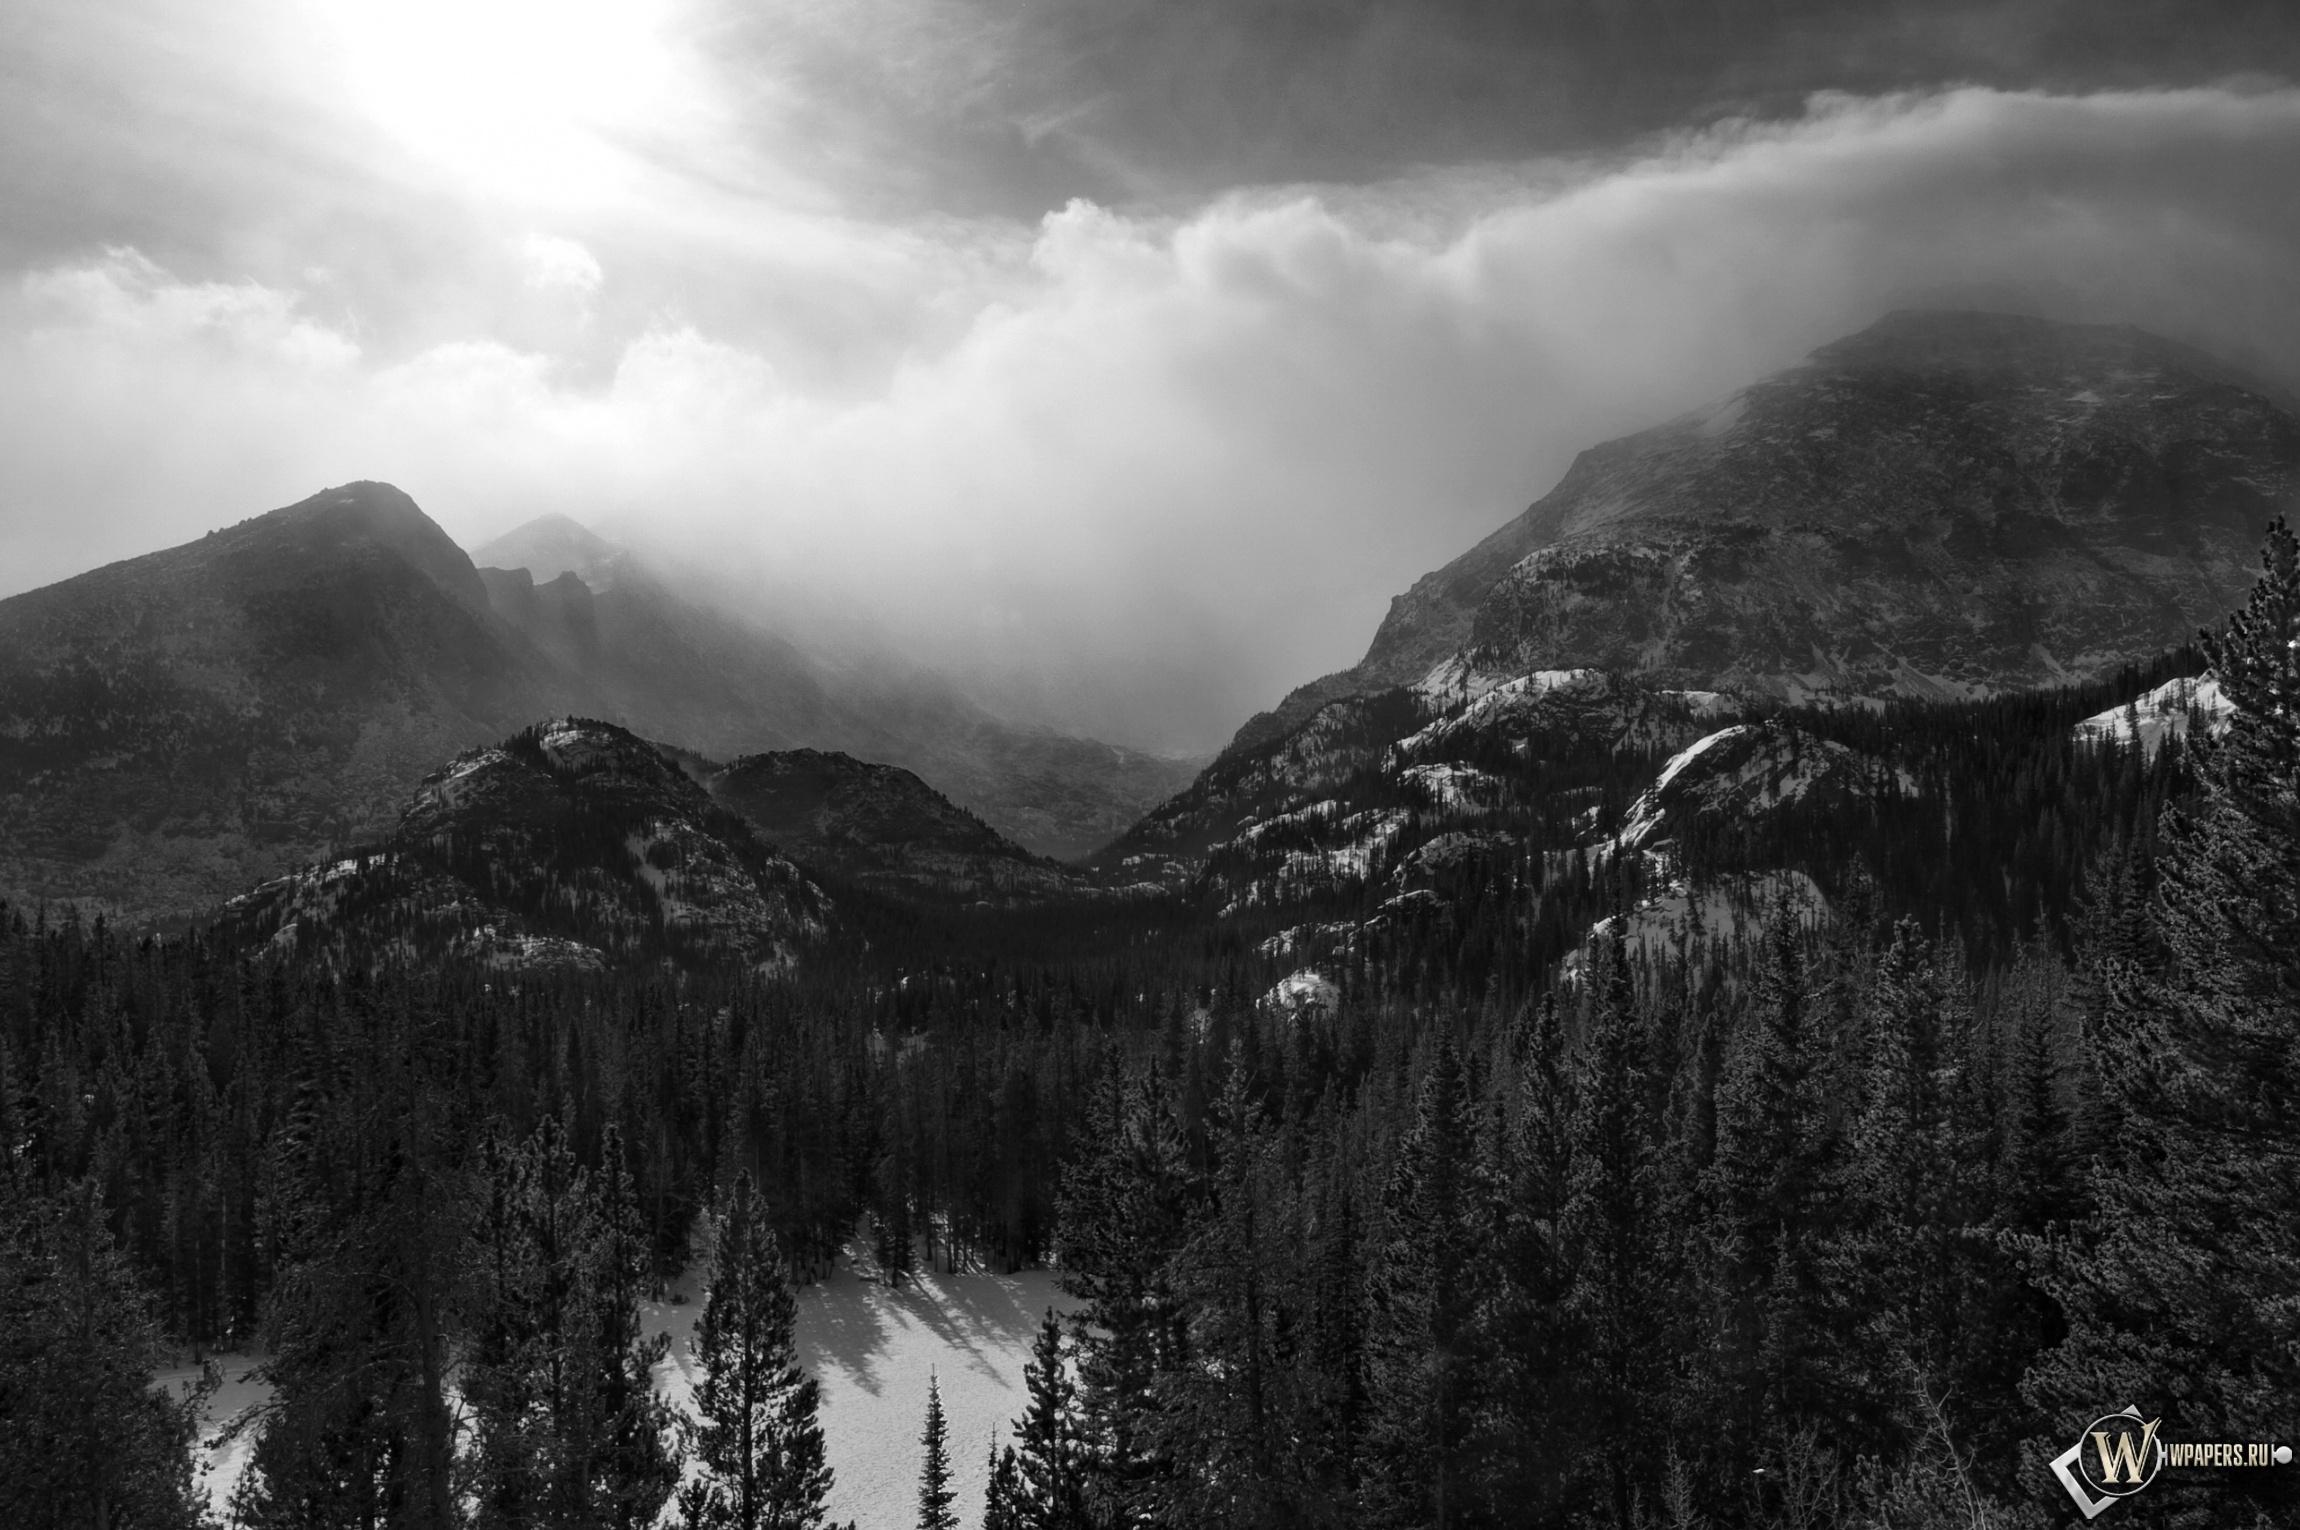 Зимний лес на горах 2300x1530